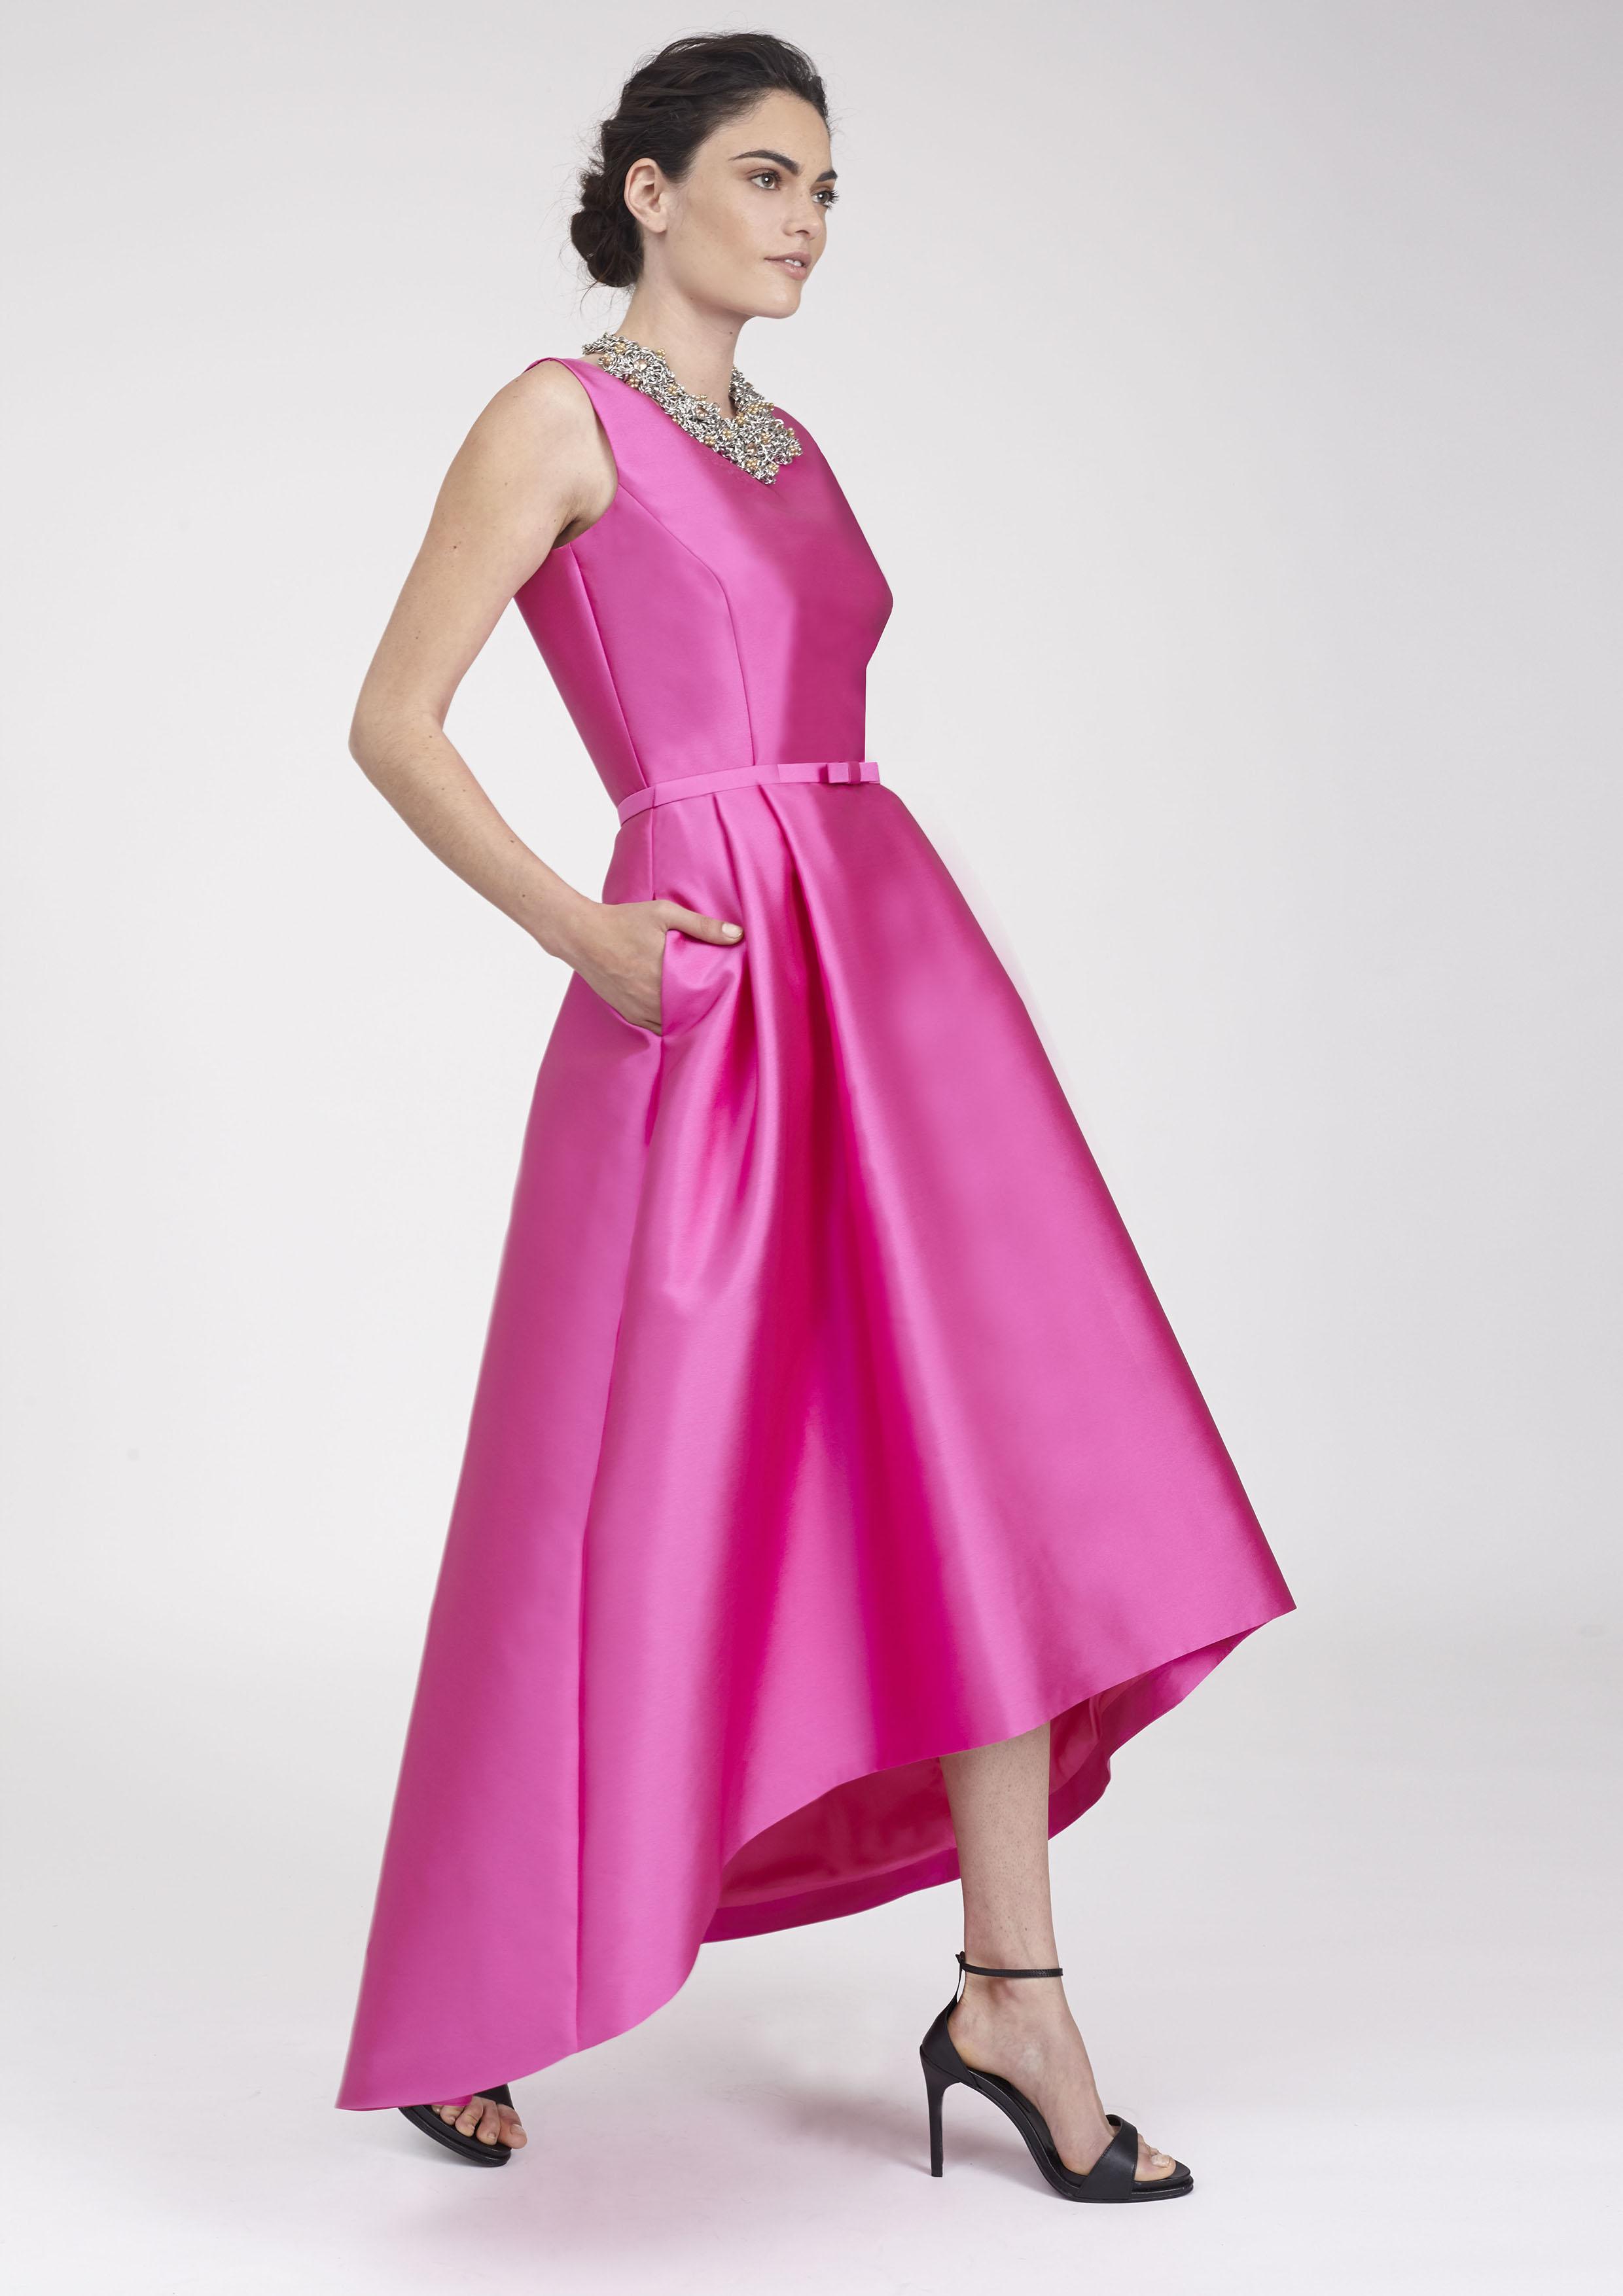 Vestidos de fiesta largos h&m – Los vestidos elegantes son populares ...